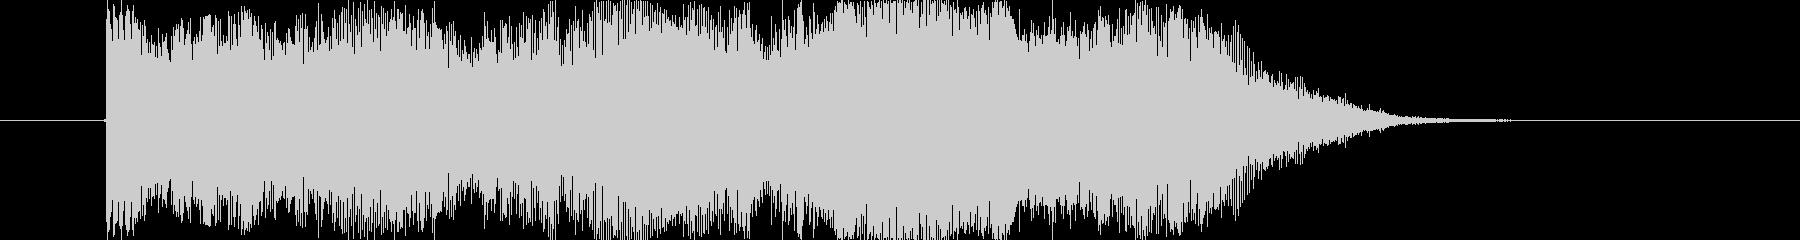 パワースイープバージョン2の未再生の波形